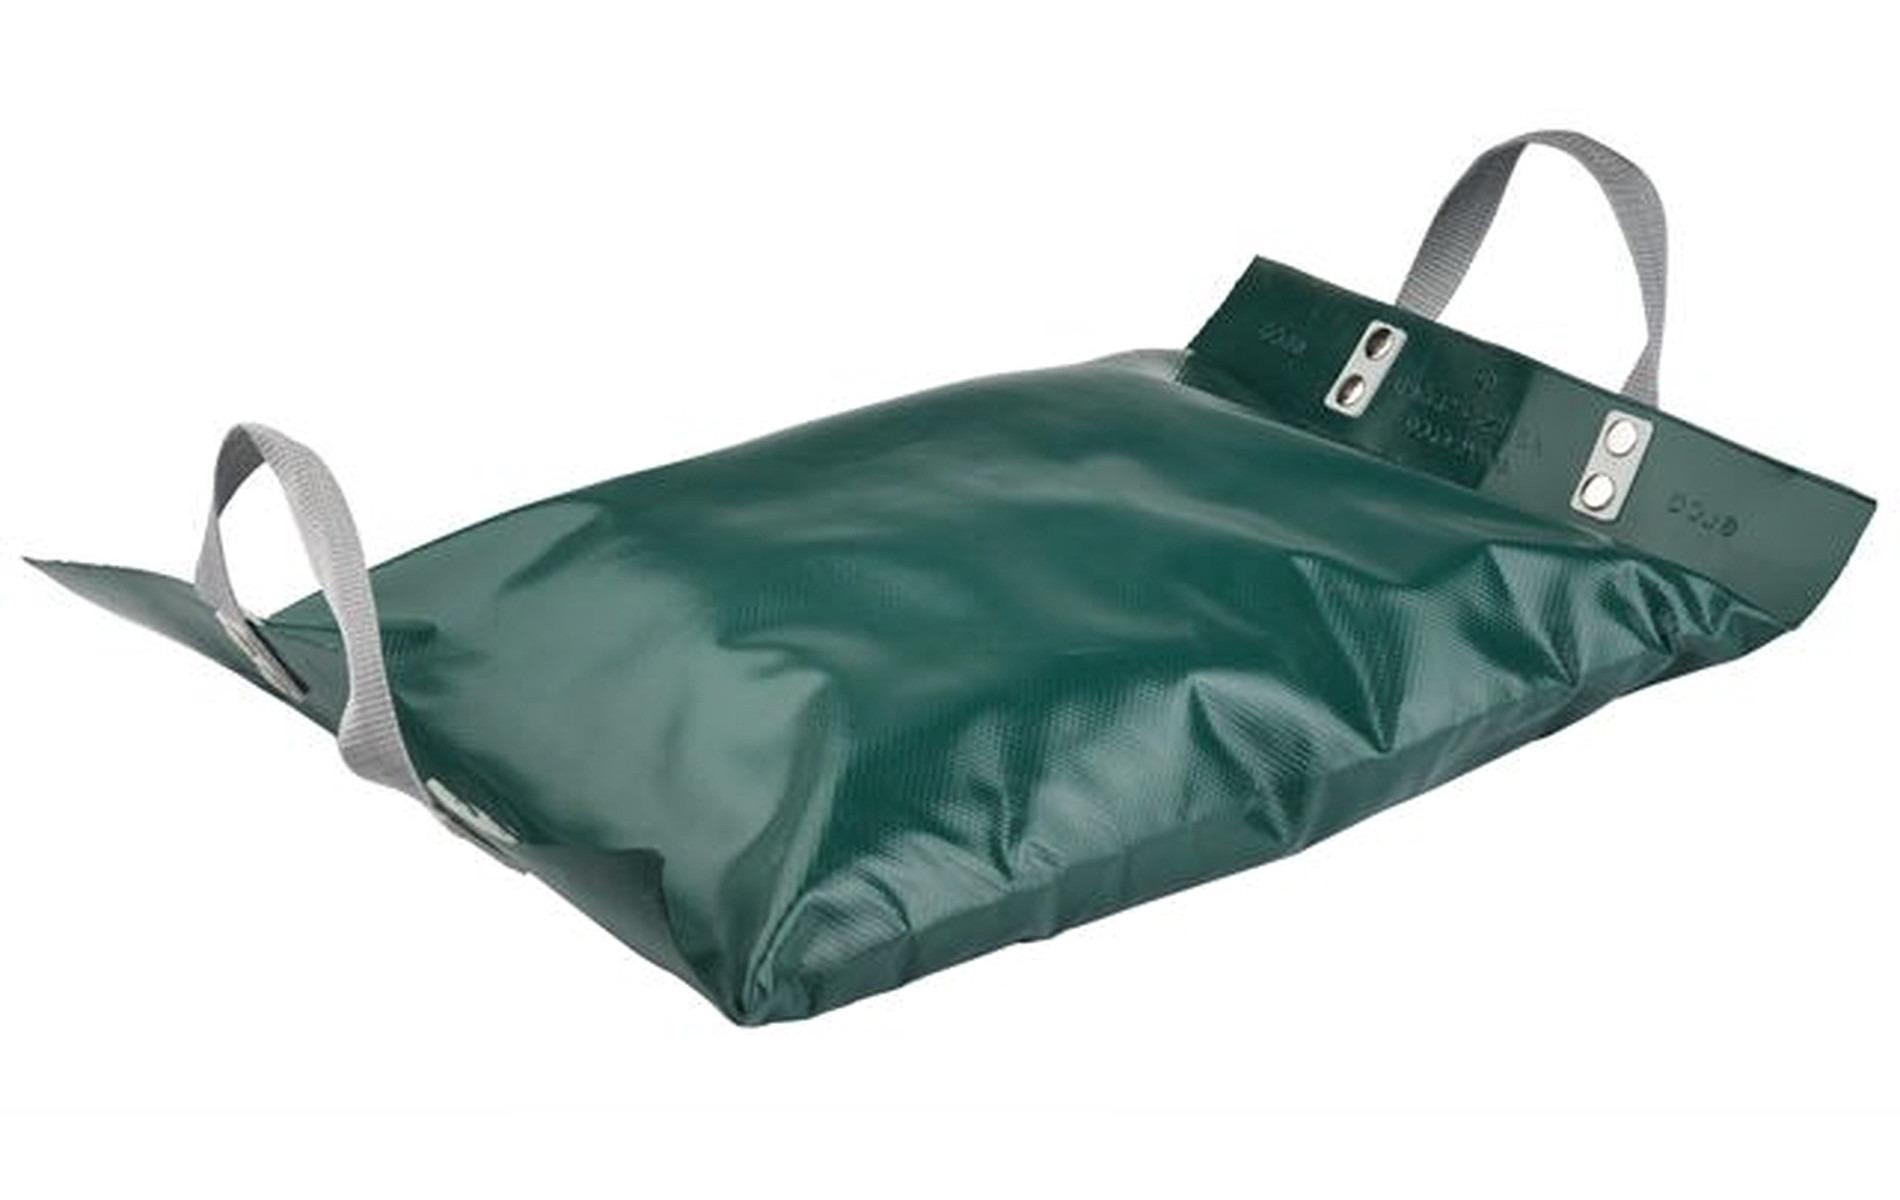 Ballastierung mit Spezialsäcken, z. B. TREVIRA Ballastsäcke